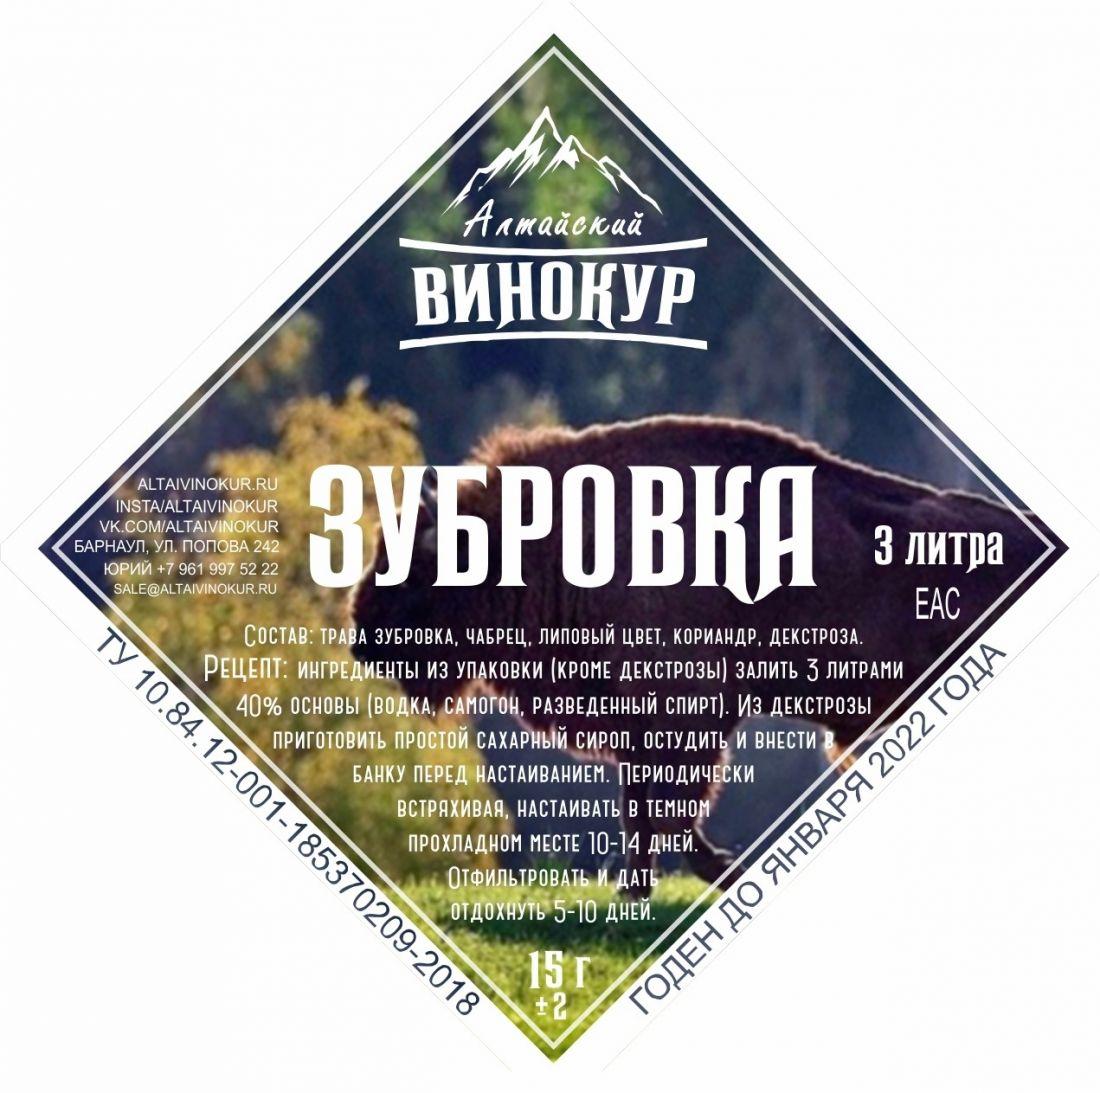 Настойка Зубровка, набор трав (Алтайский Винокур)